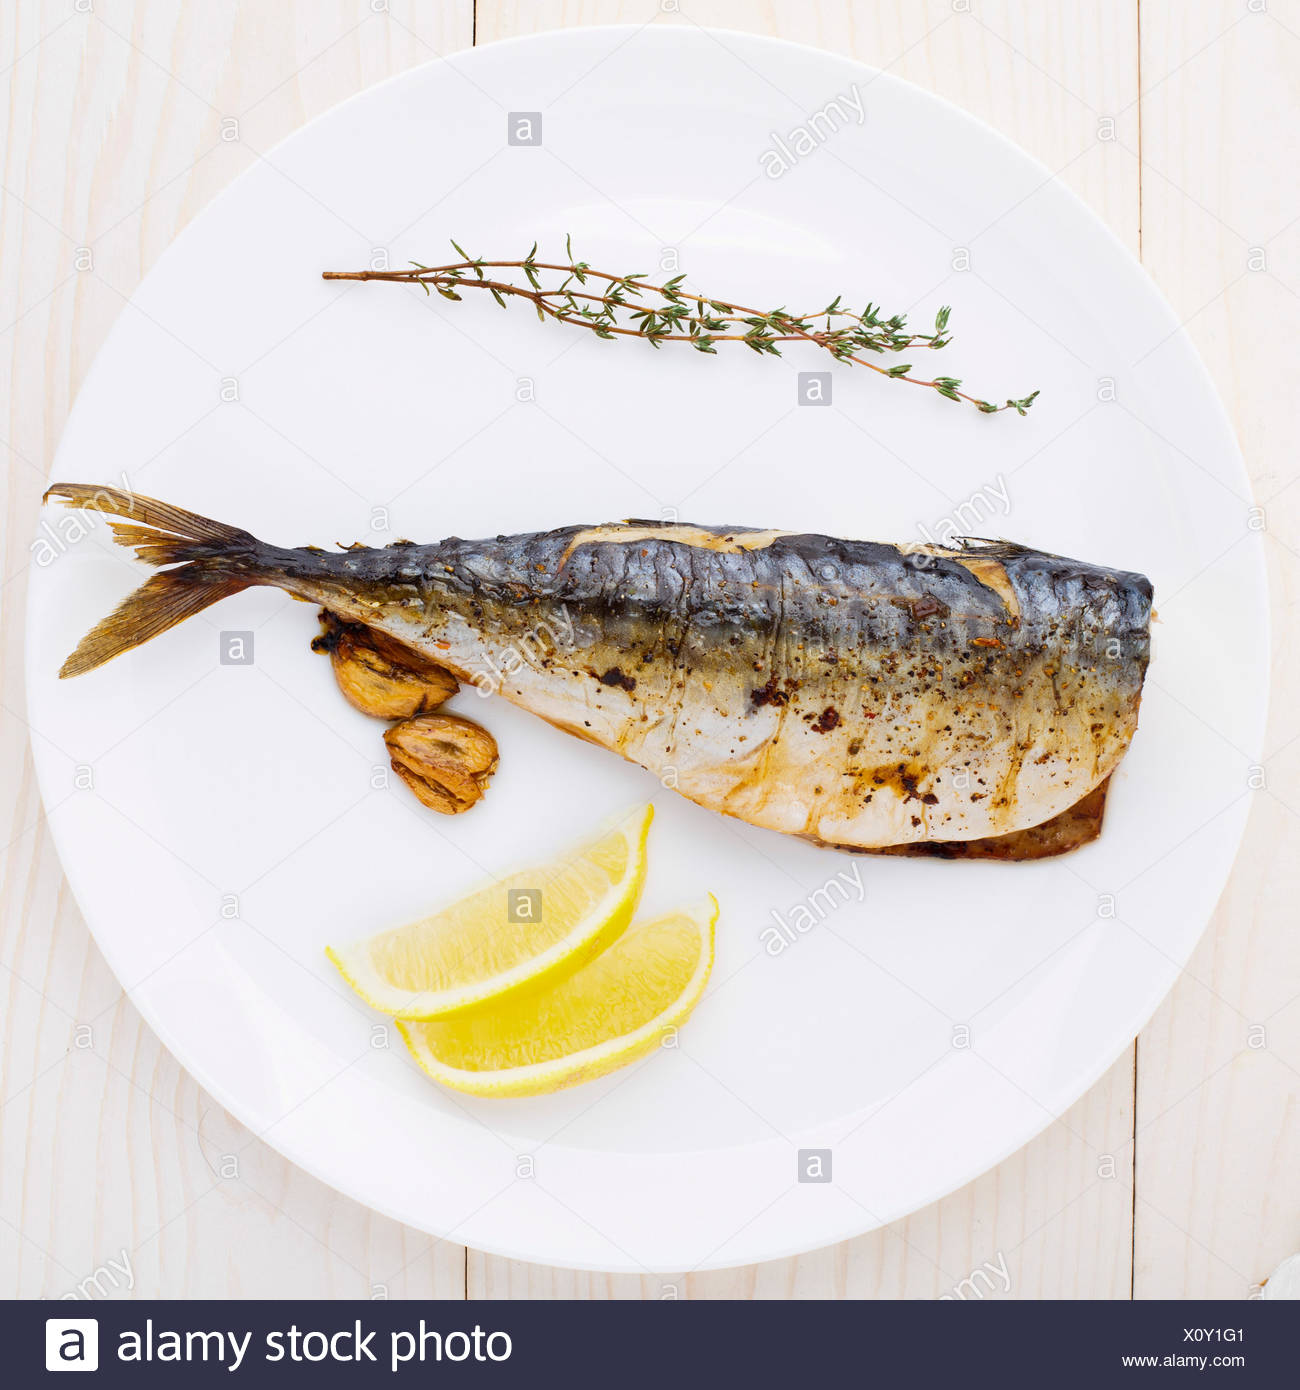 Le maquereau cuit délicieux sur une plaque blanche Photo Stock